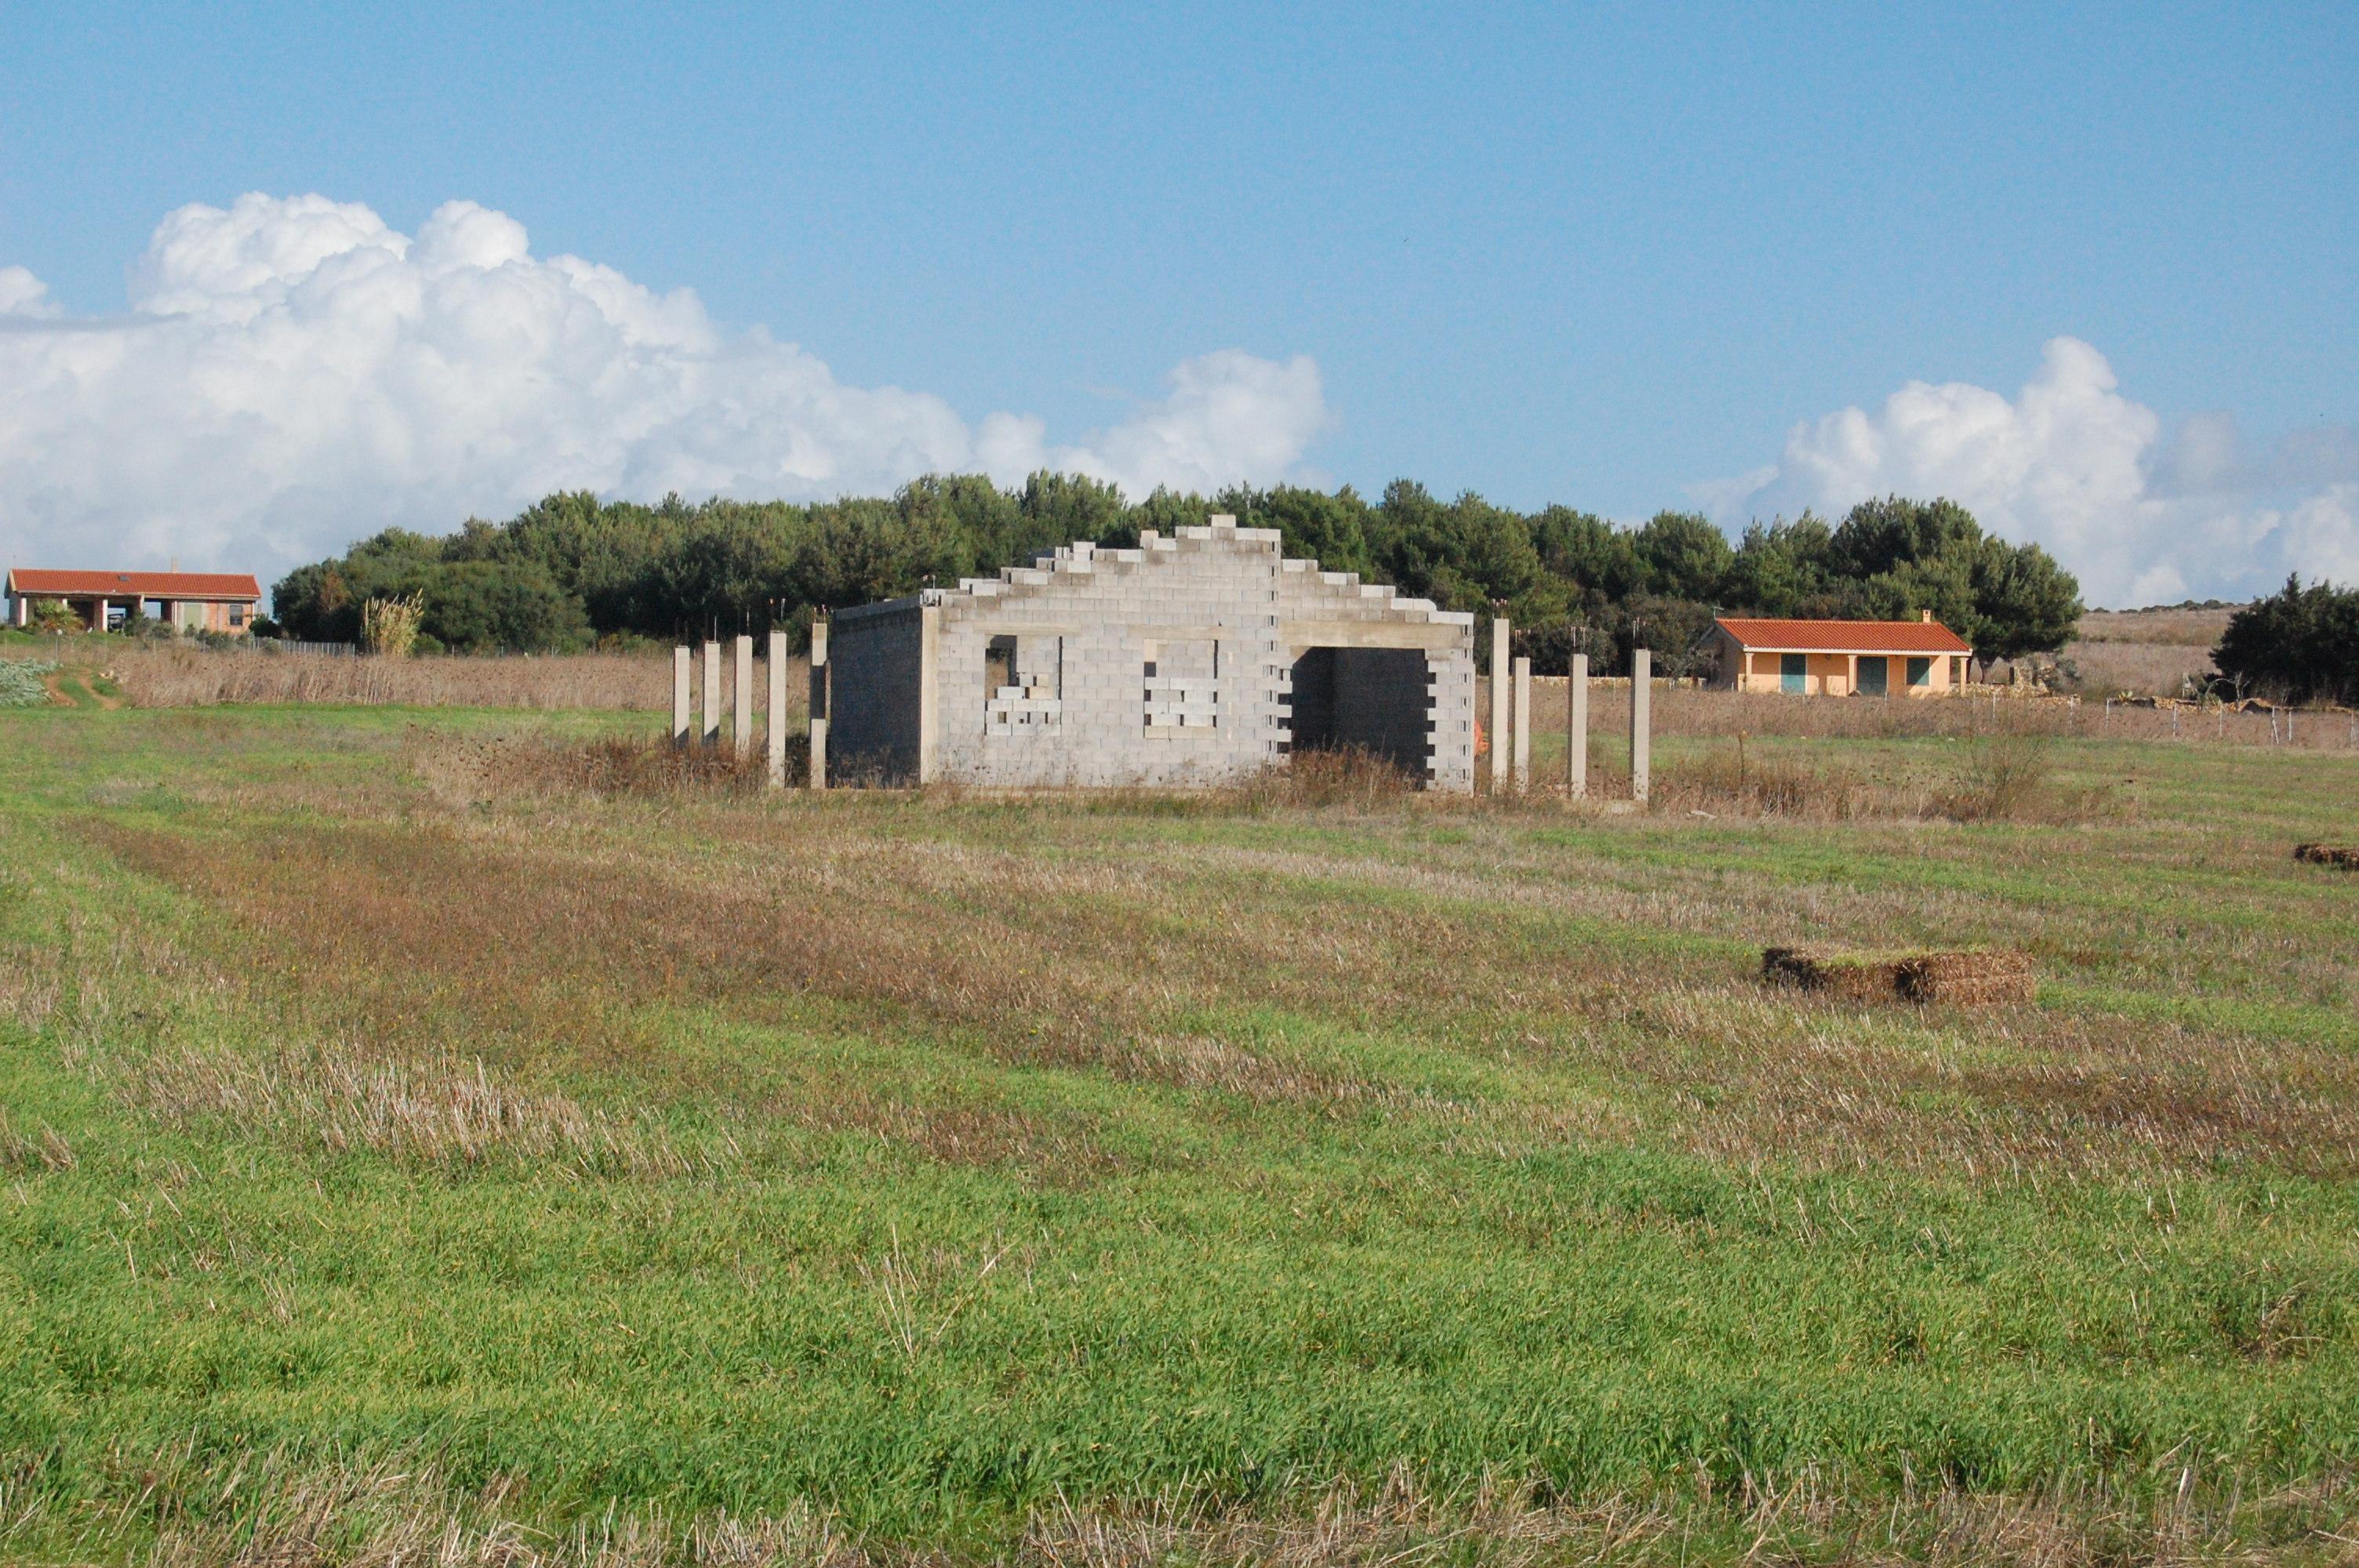 la villa in campagna, in zona agricola, è abusiva. | gruppo d